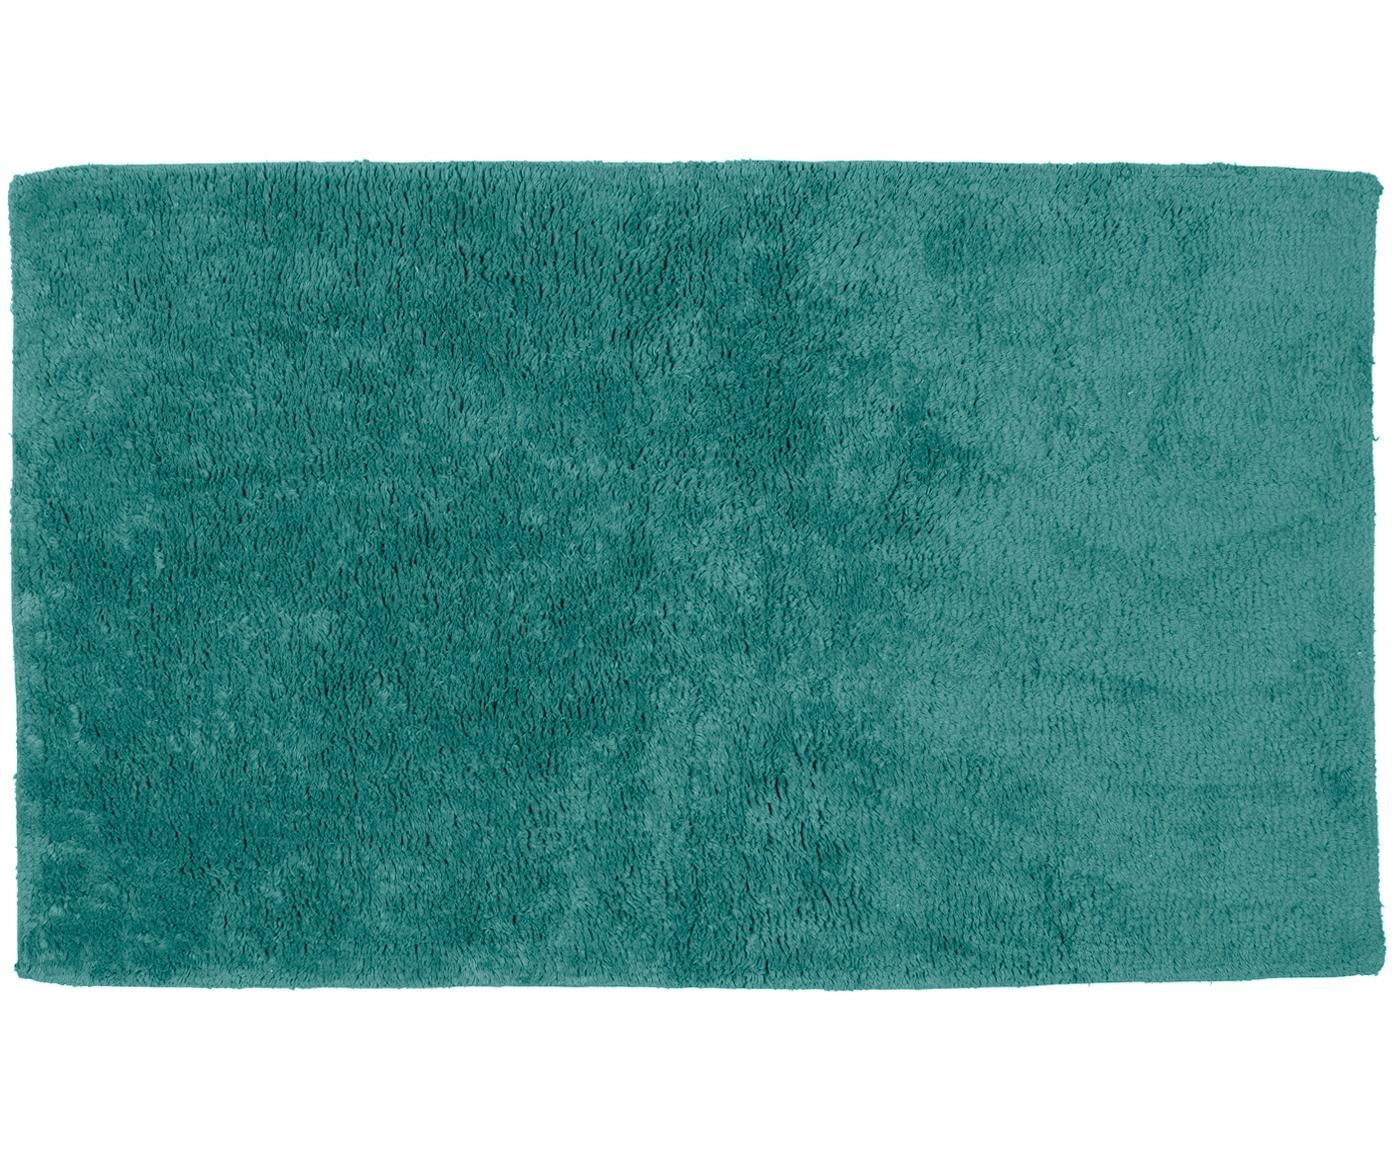 Tappeto bagno in cotone turchese Luna, Verde smeraldo, Larg